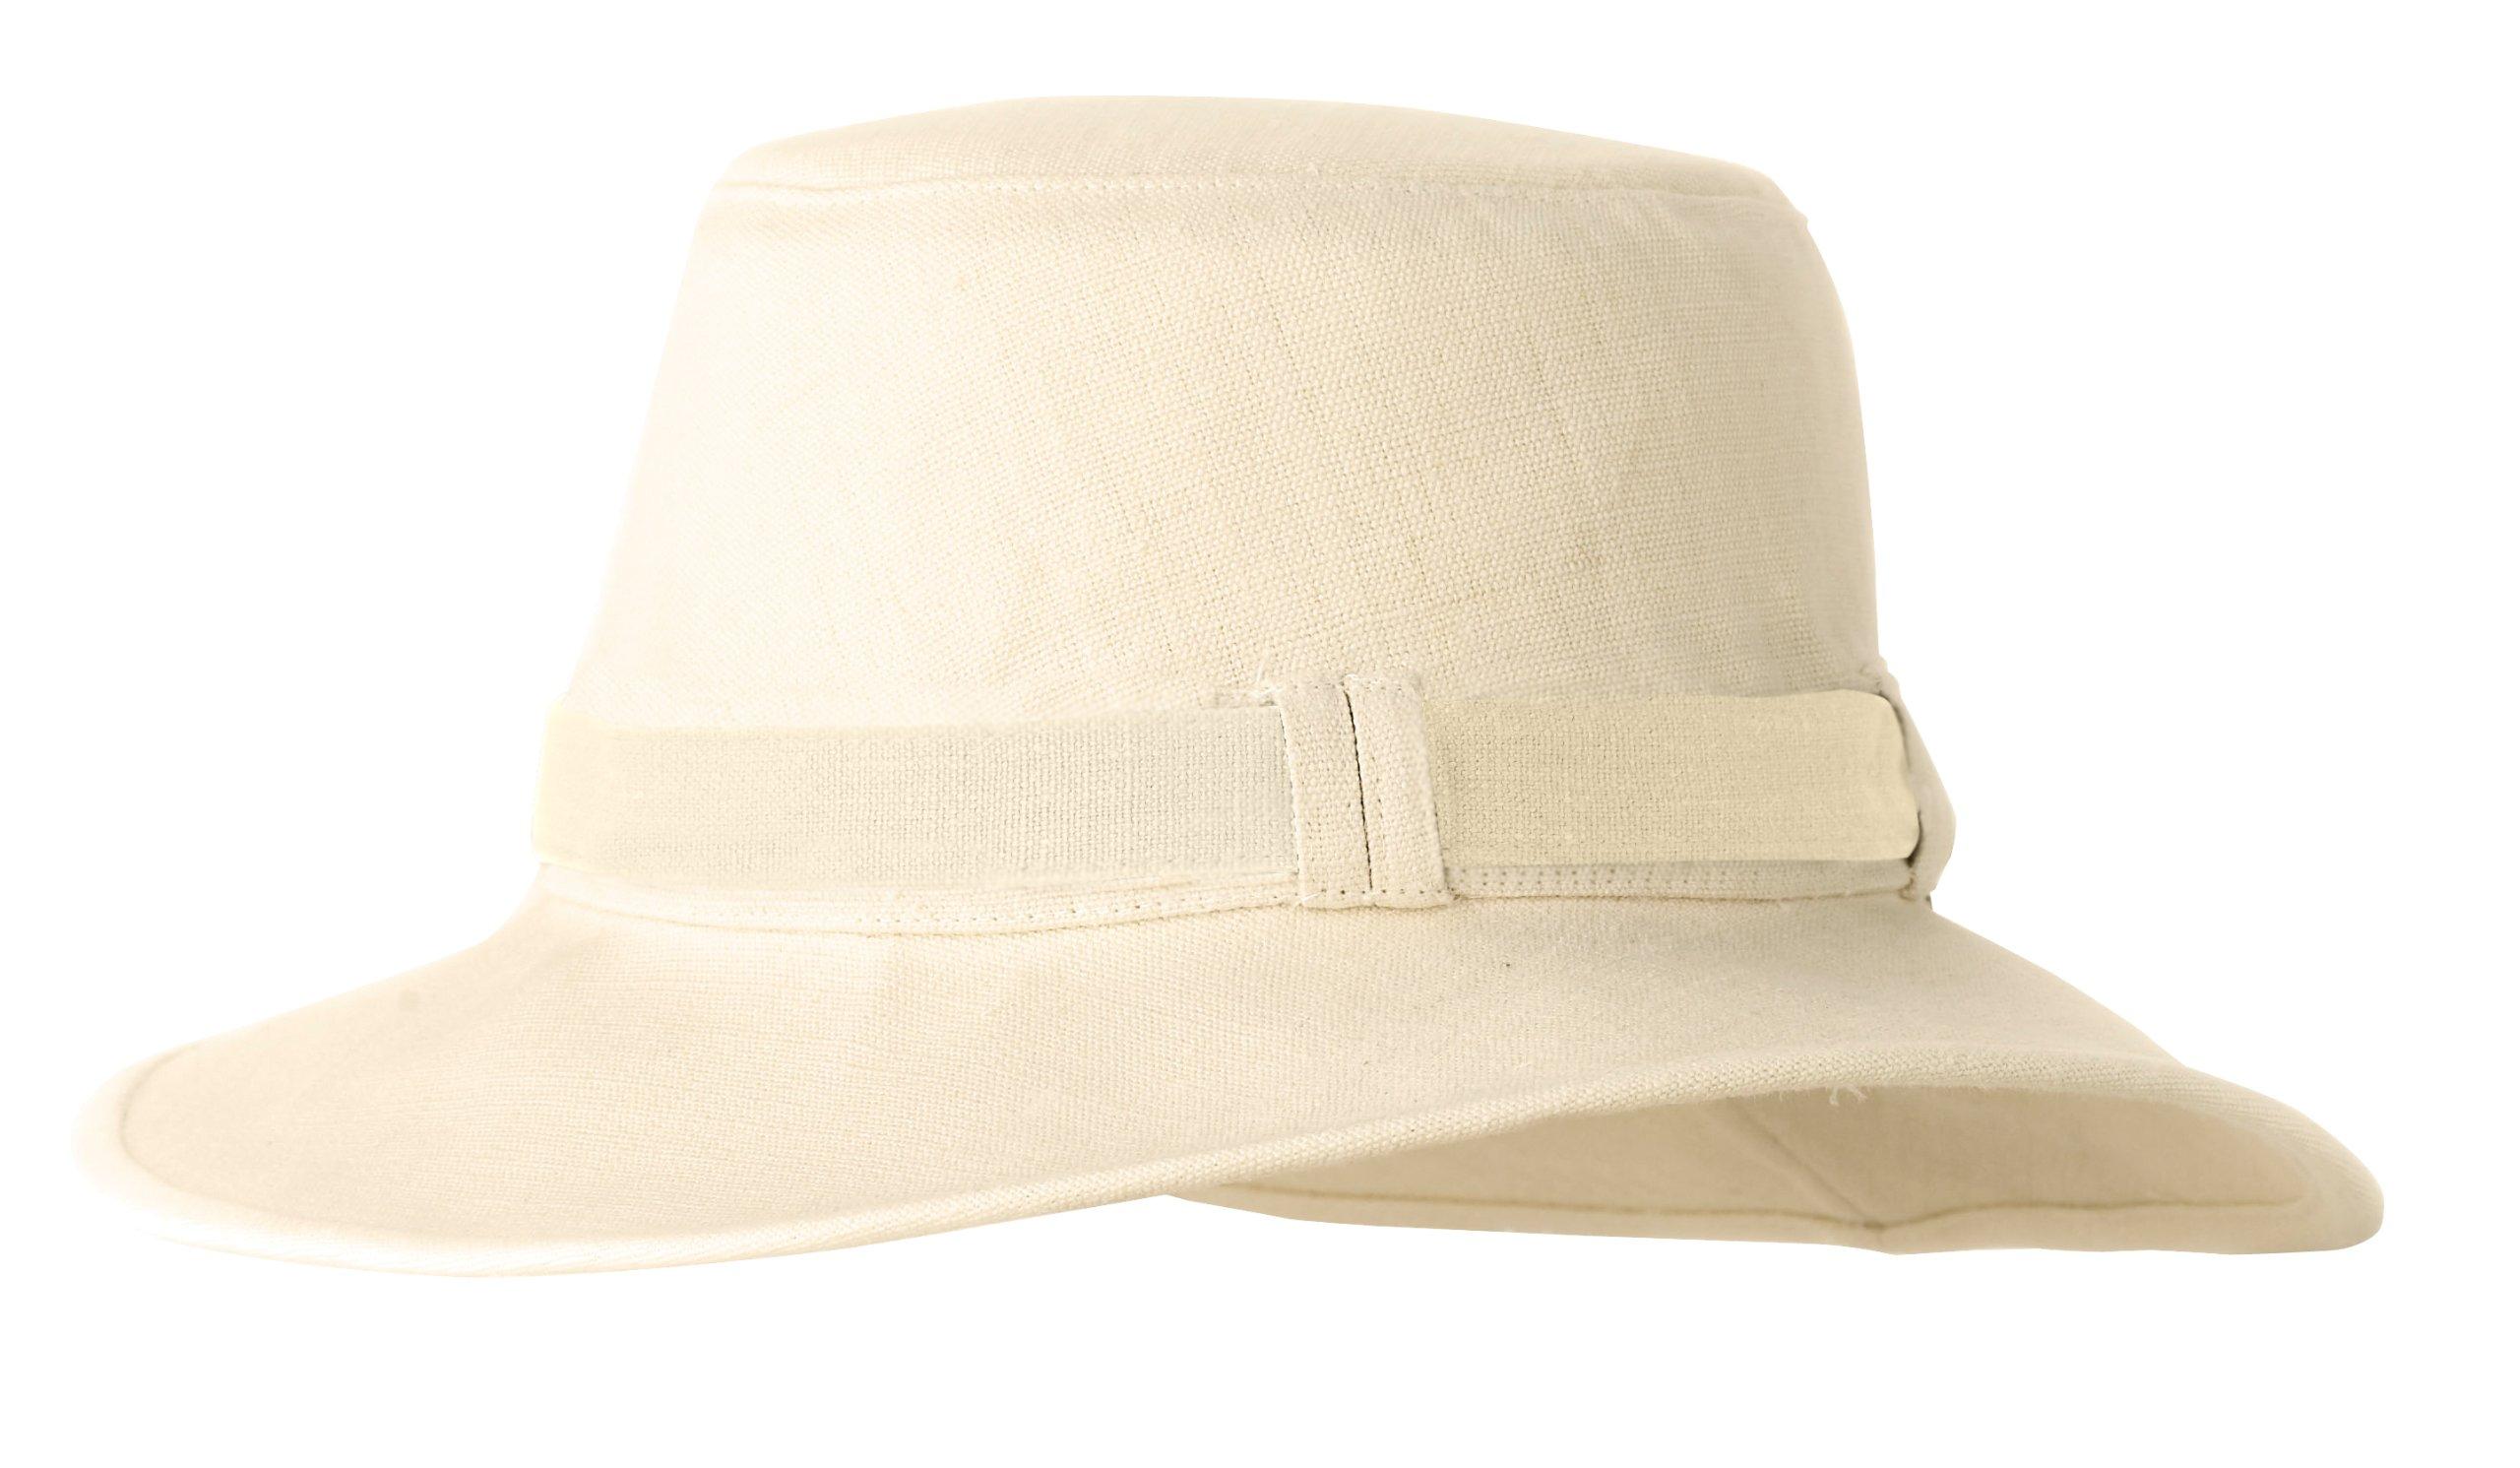 Tilley Endurables TH9 Women'S Hemp Hat,Natural,XL (7 5/8-7 3/4) by Tilley